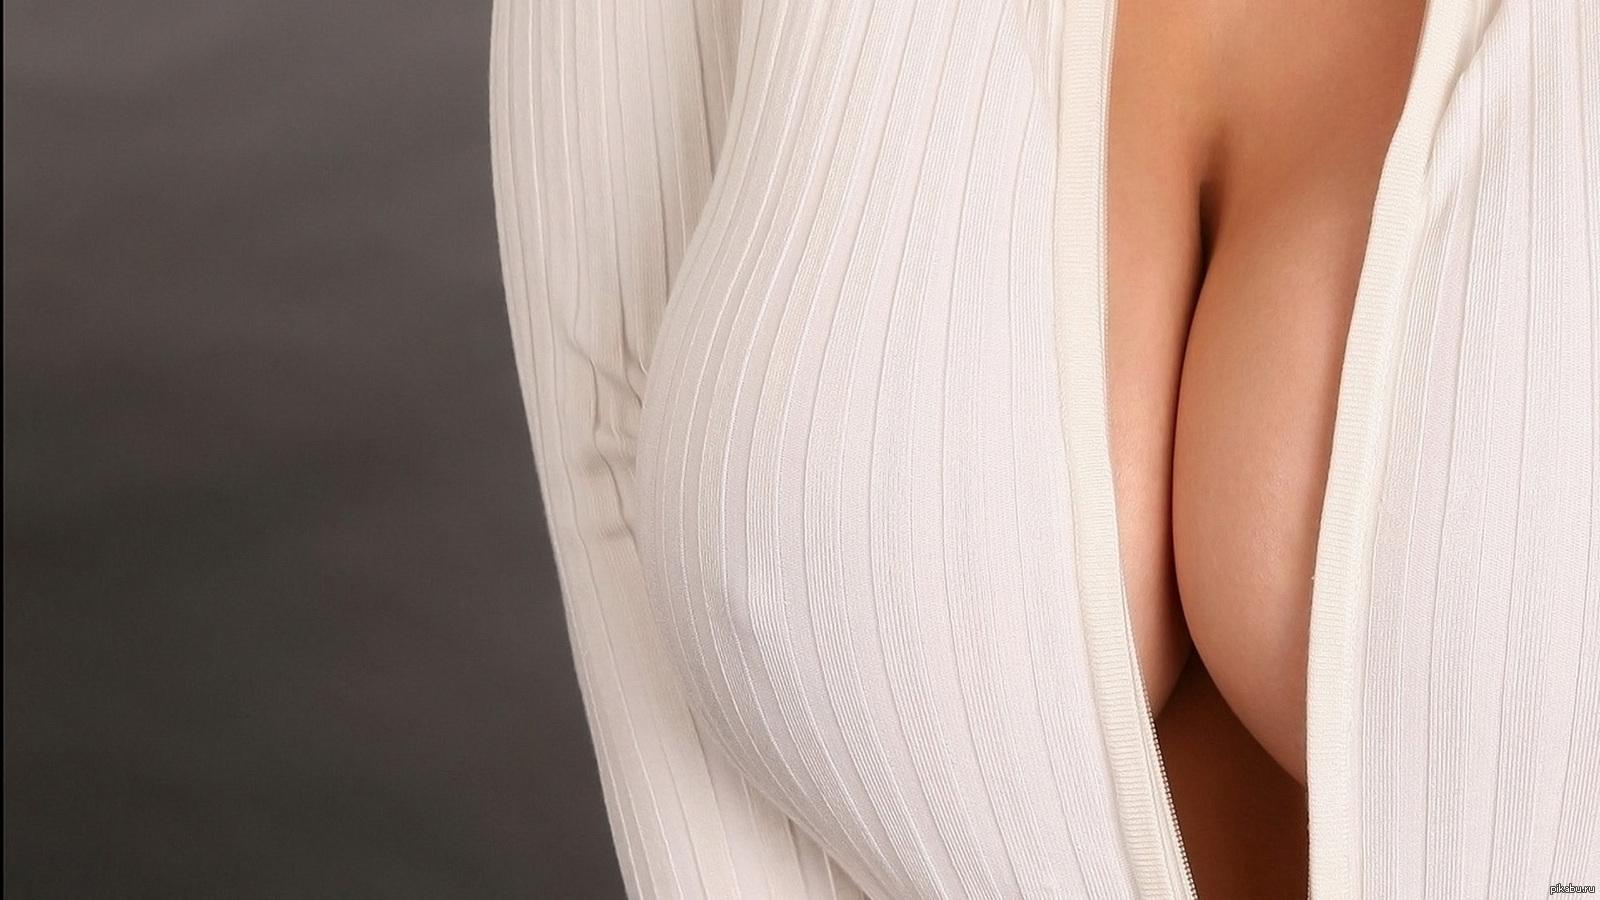 женская грудь профессиональное фото